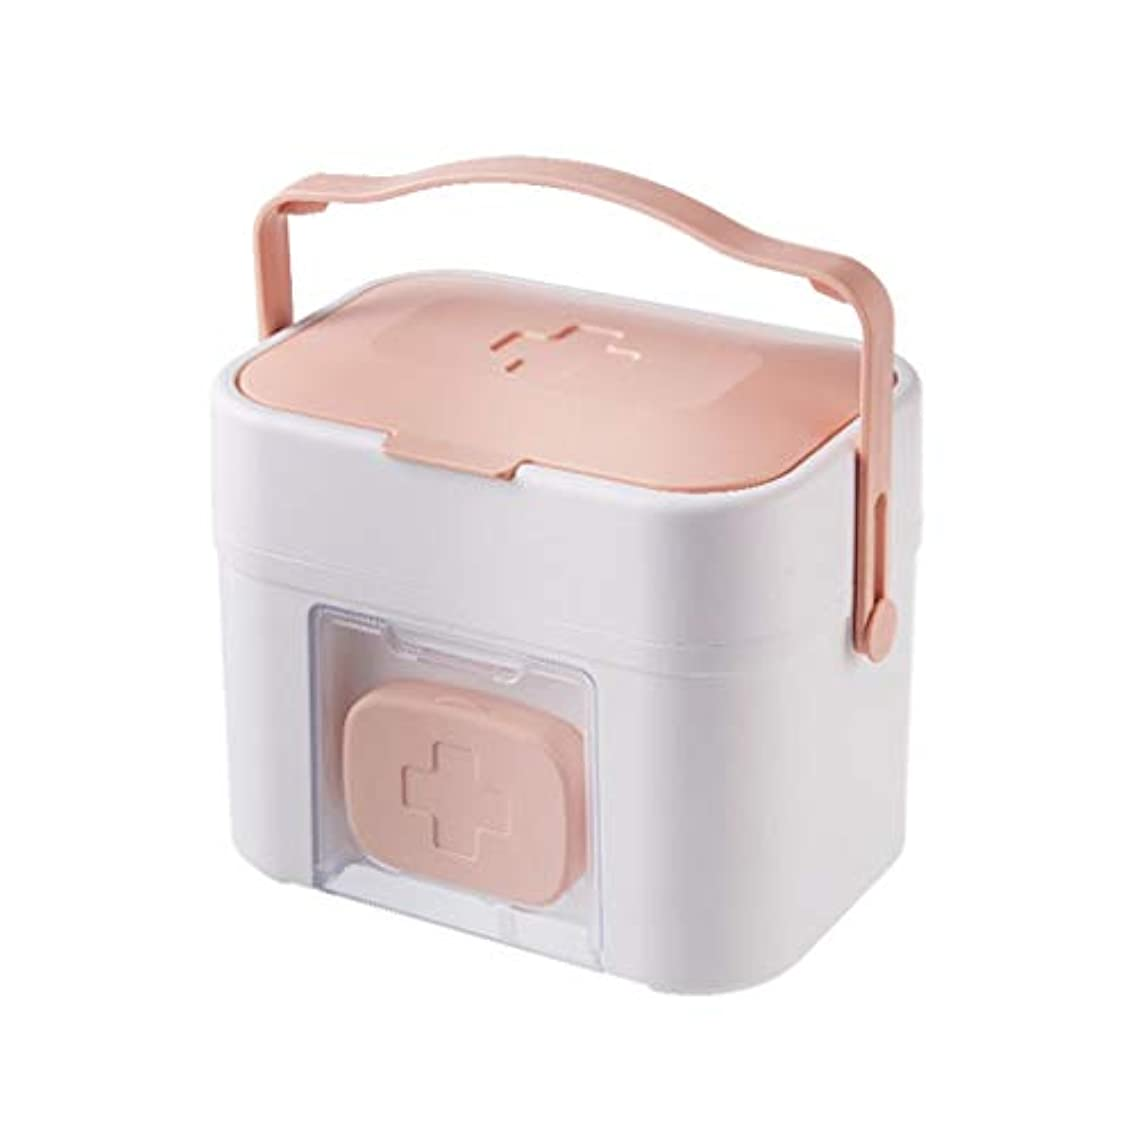 滅びる頑丈リアルBBJOZ 家庭用機器携帯用外来緊急医療キット薬箱家庭用薬箱大型薬収納ボックス (Color : Pink)